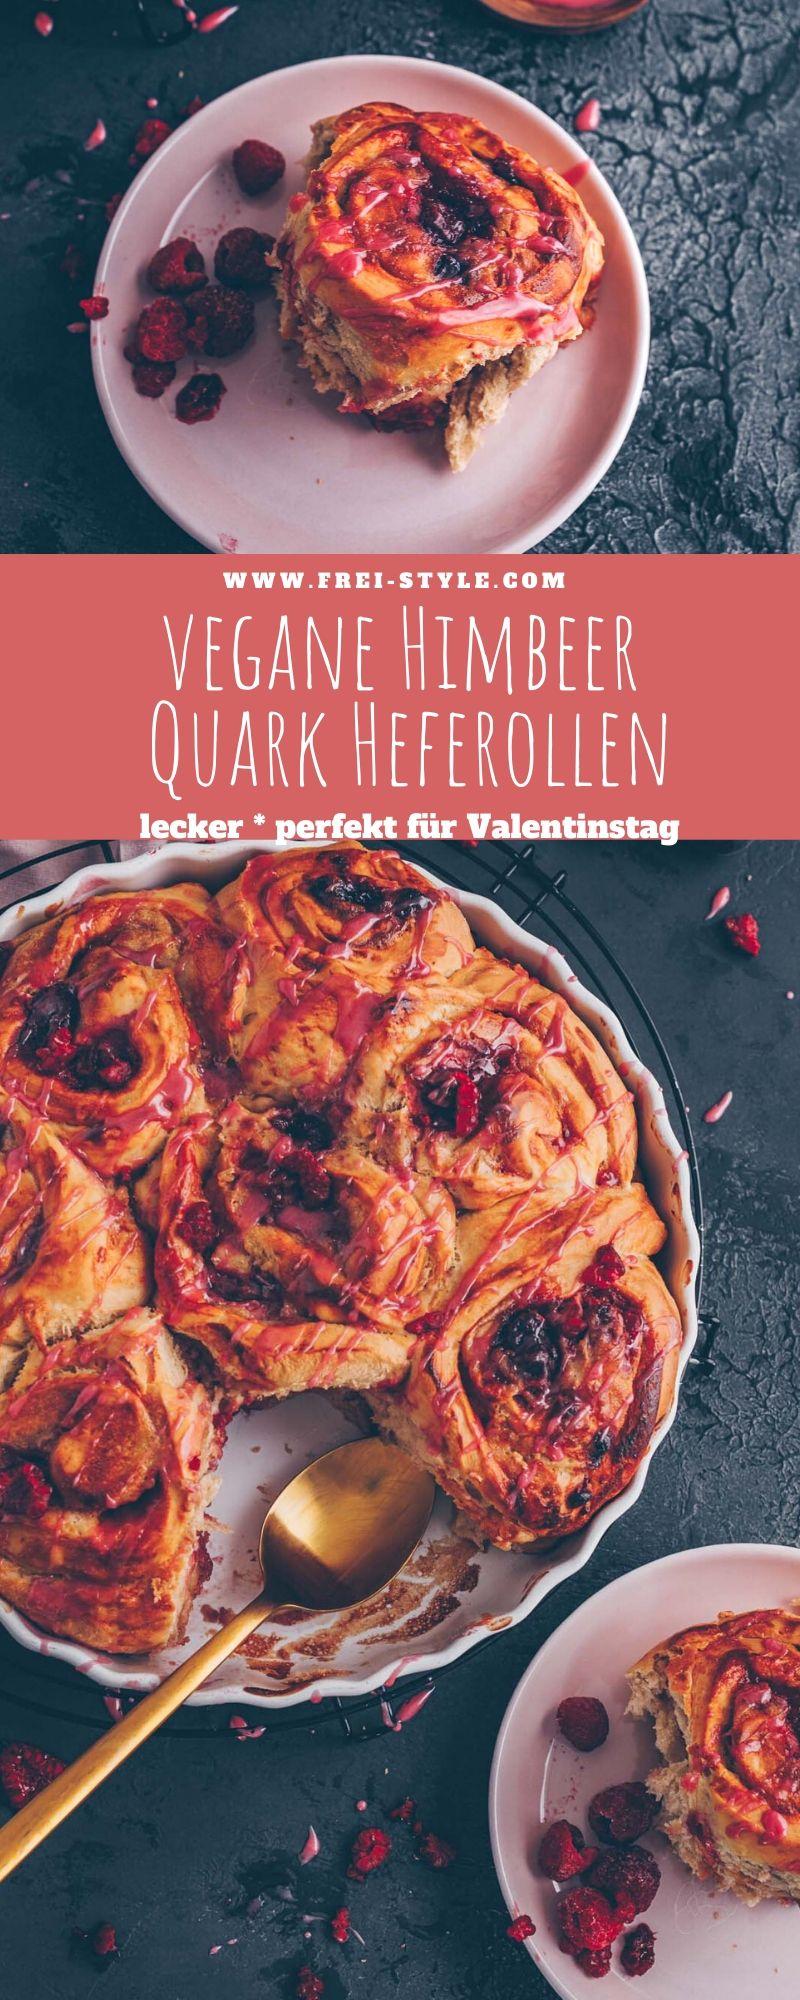 Vegane Himbeer-Quark Heferollen